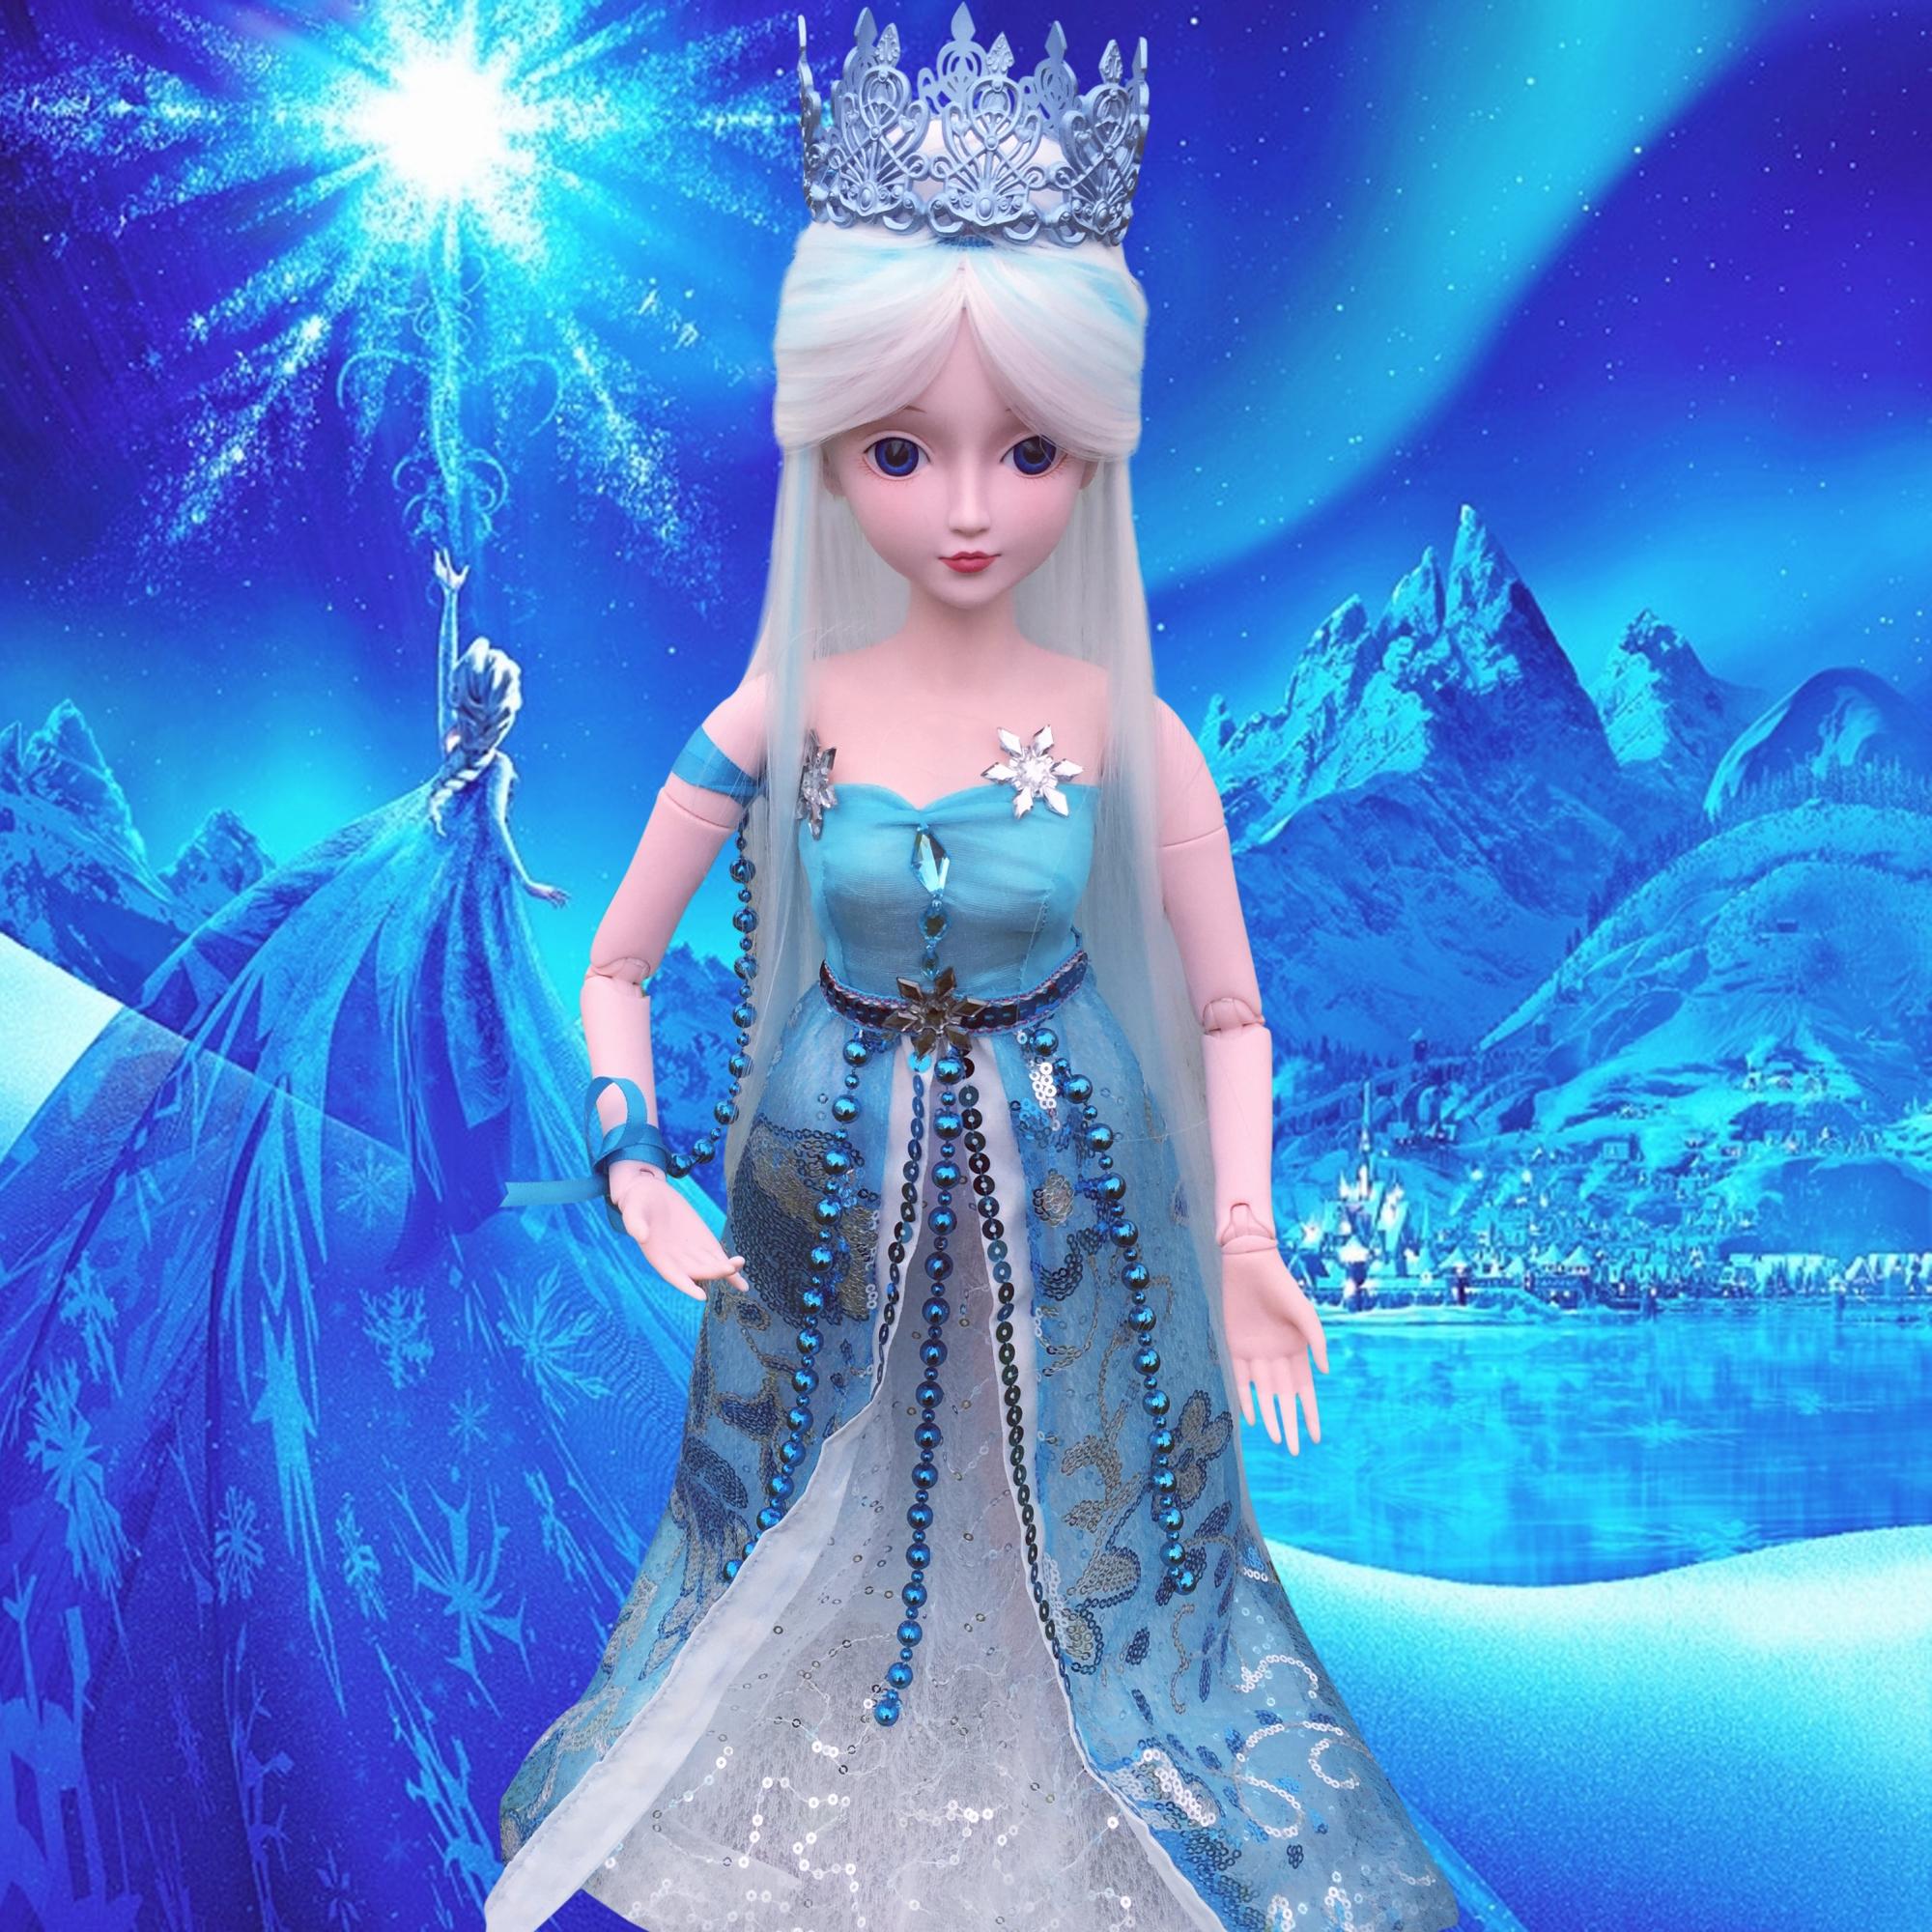 正品叶罗丽仙子冰公主夜萝莉60厘米孔雀仙子白光莹娃娃玩具图片